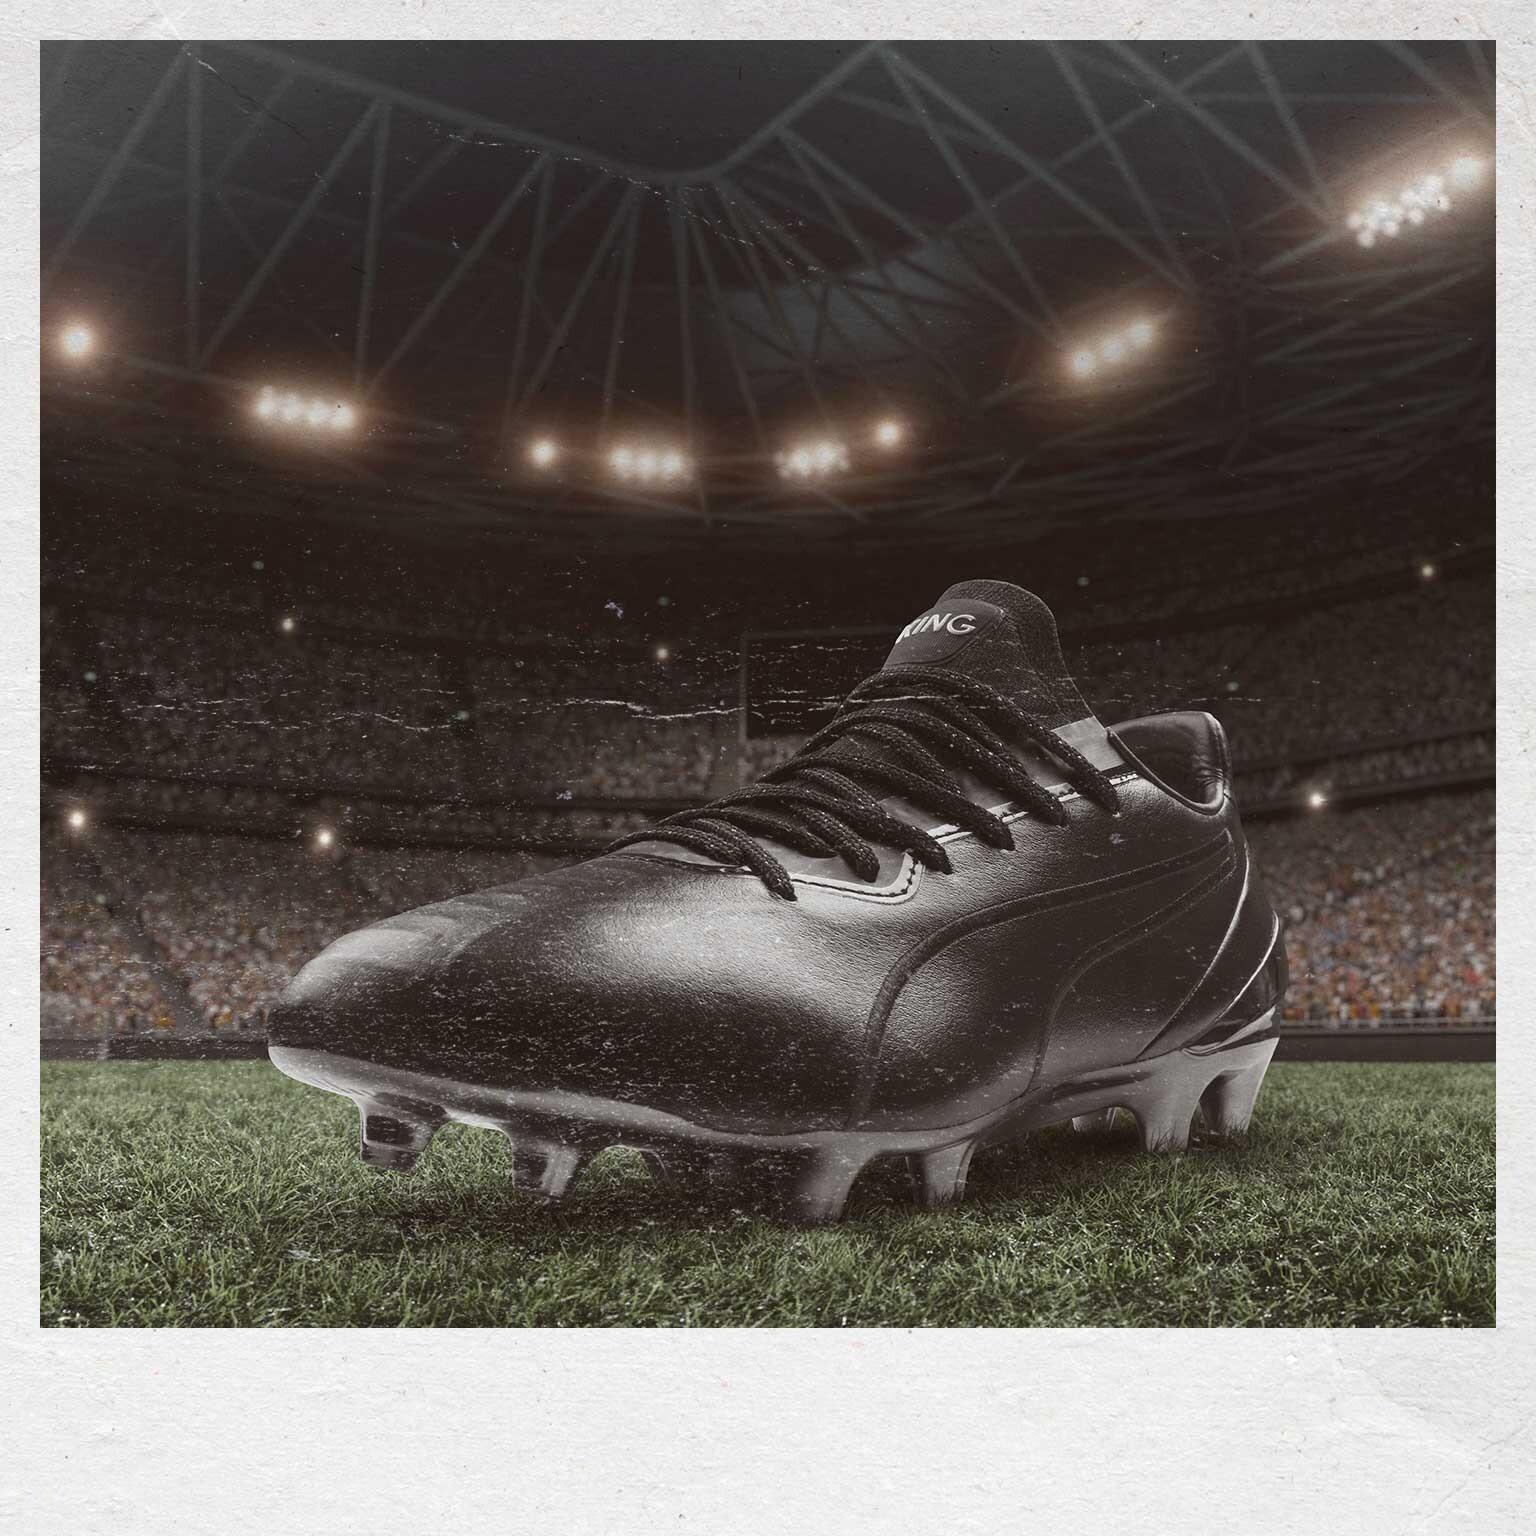 fb5e9151c03f PUMA Football | Reach New Levels with PUMA Future & PUMA One